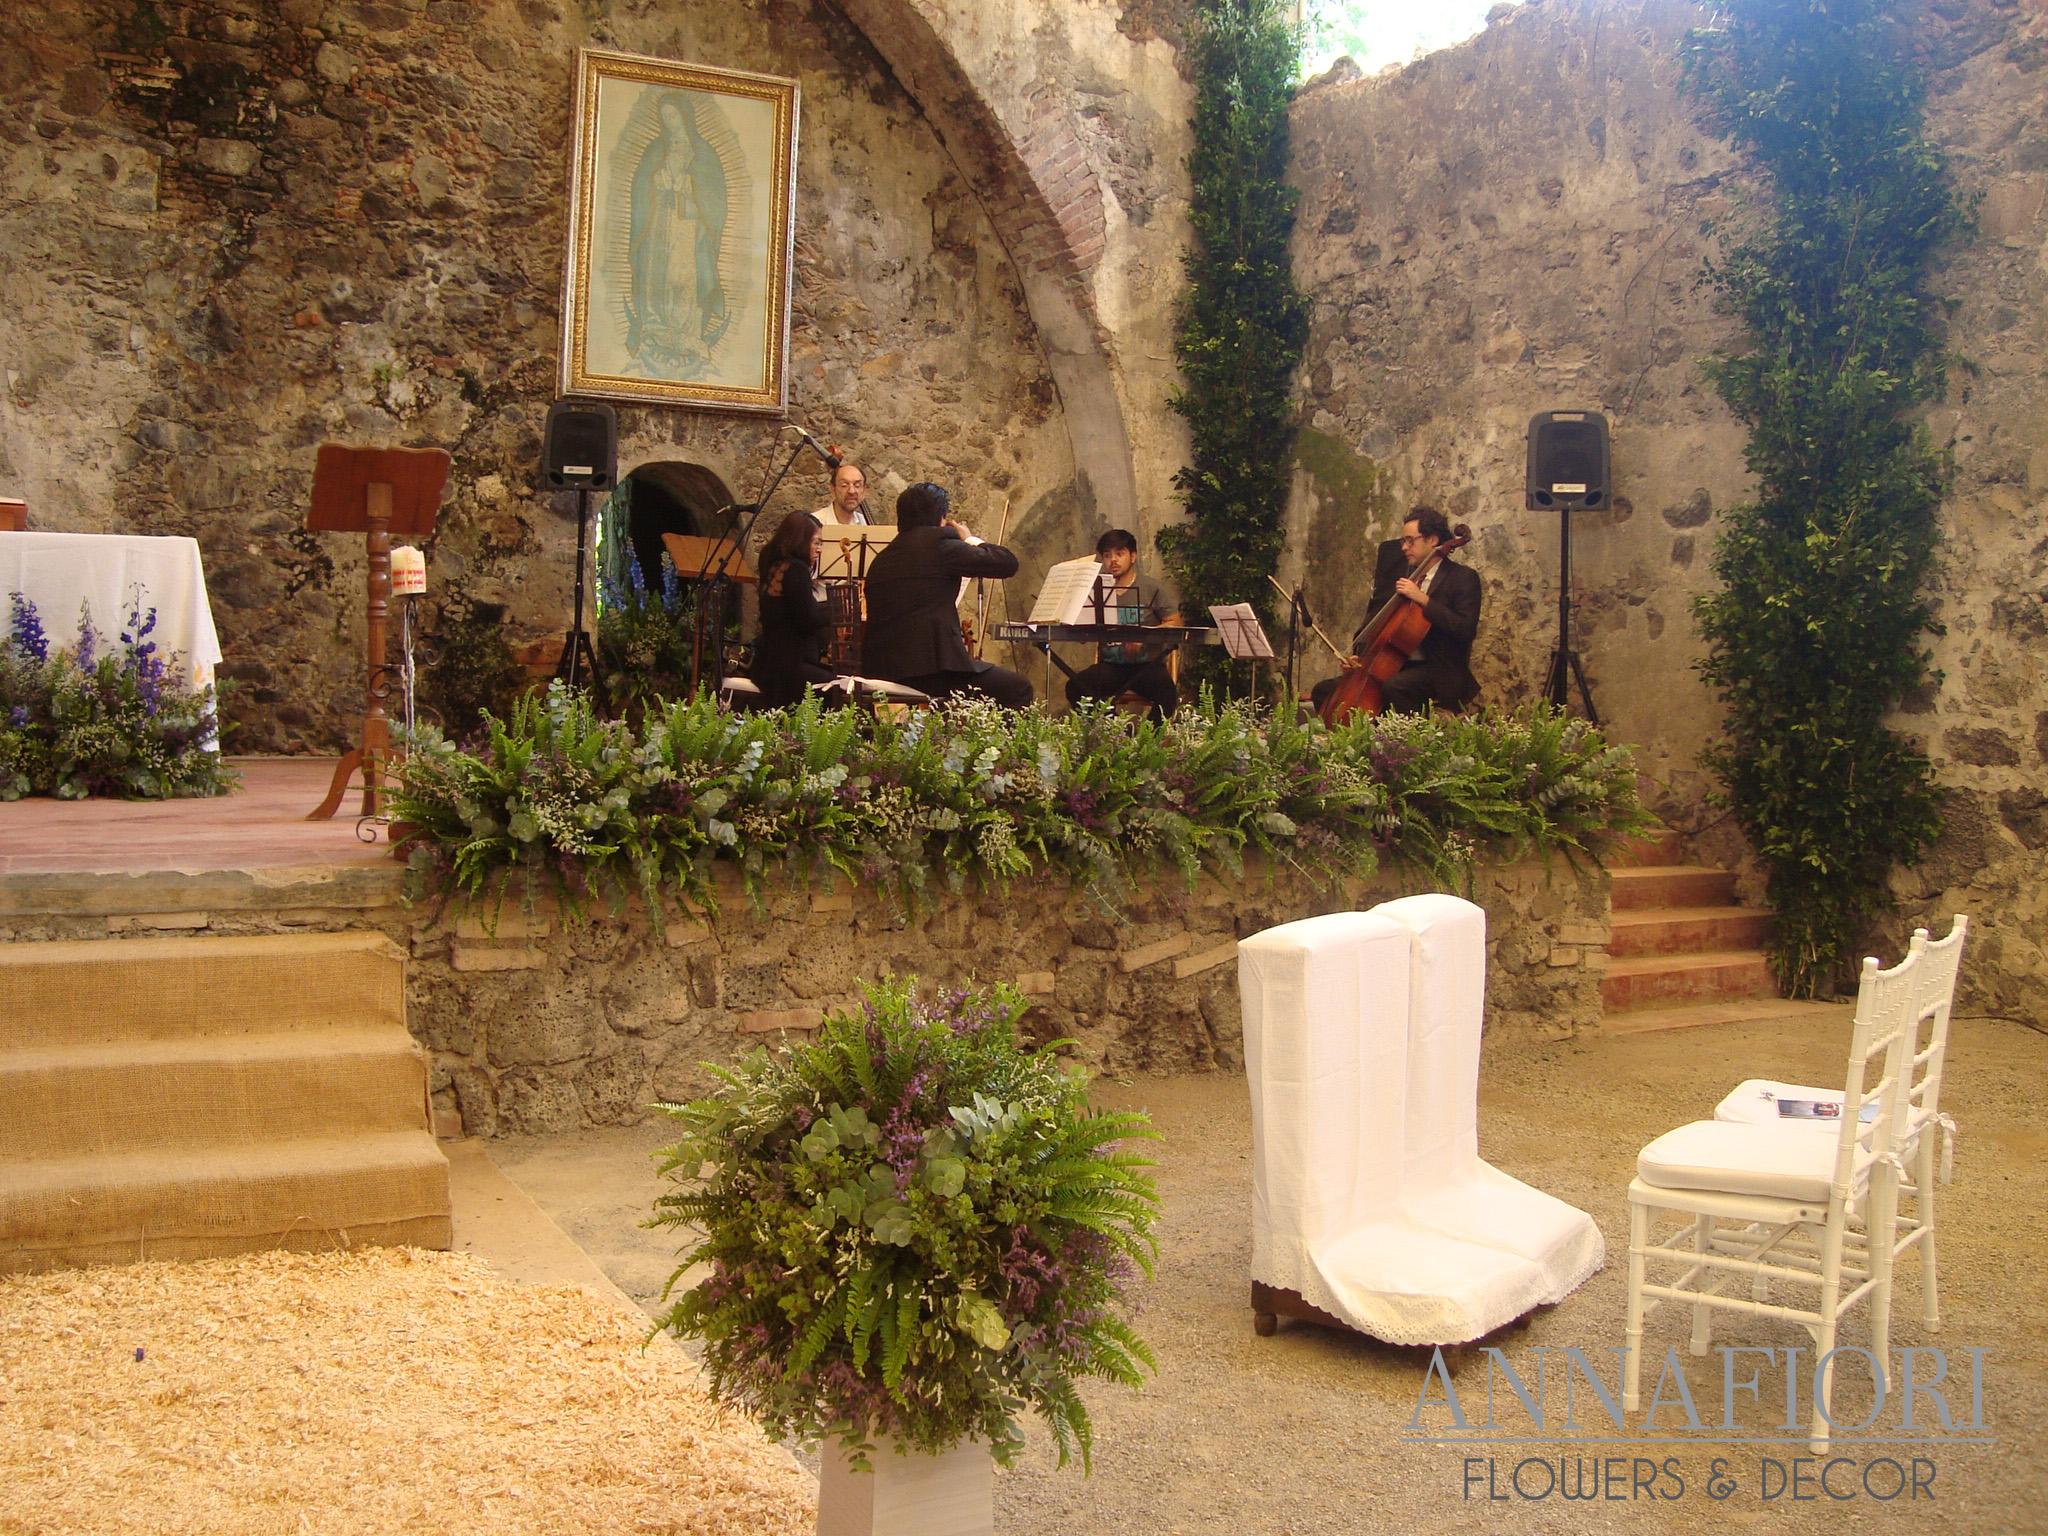 Decoracion Altar Iglesia ~ Decoraci?n de bodas vintage  Annafiori